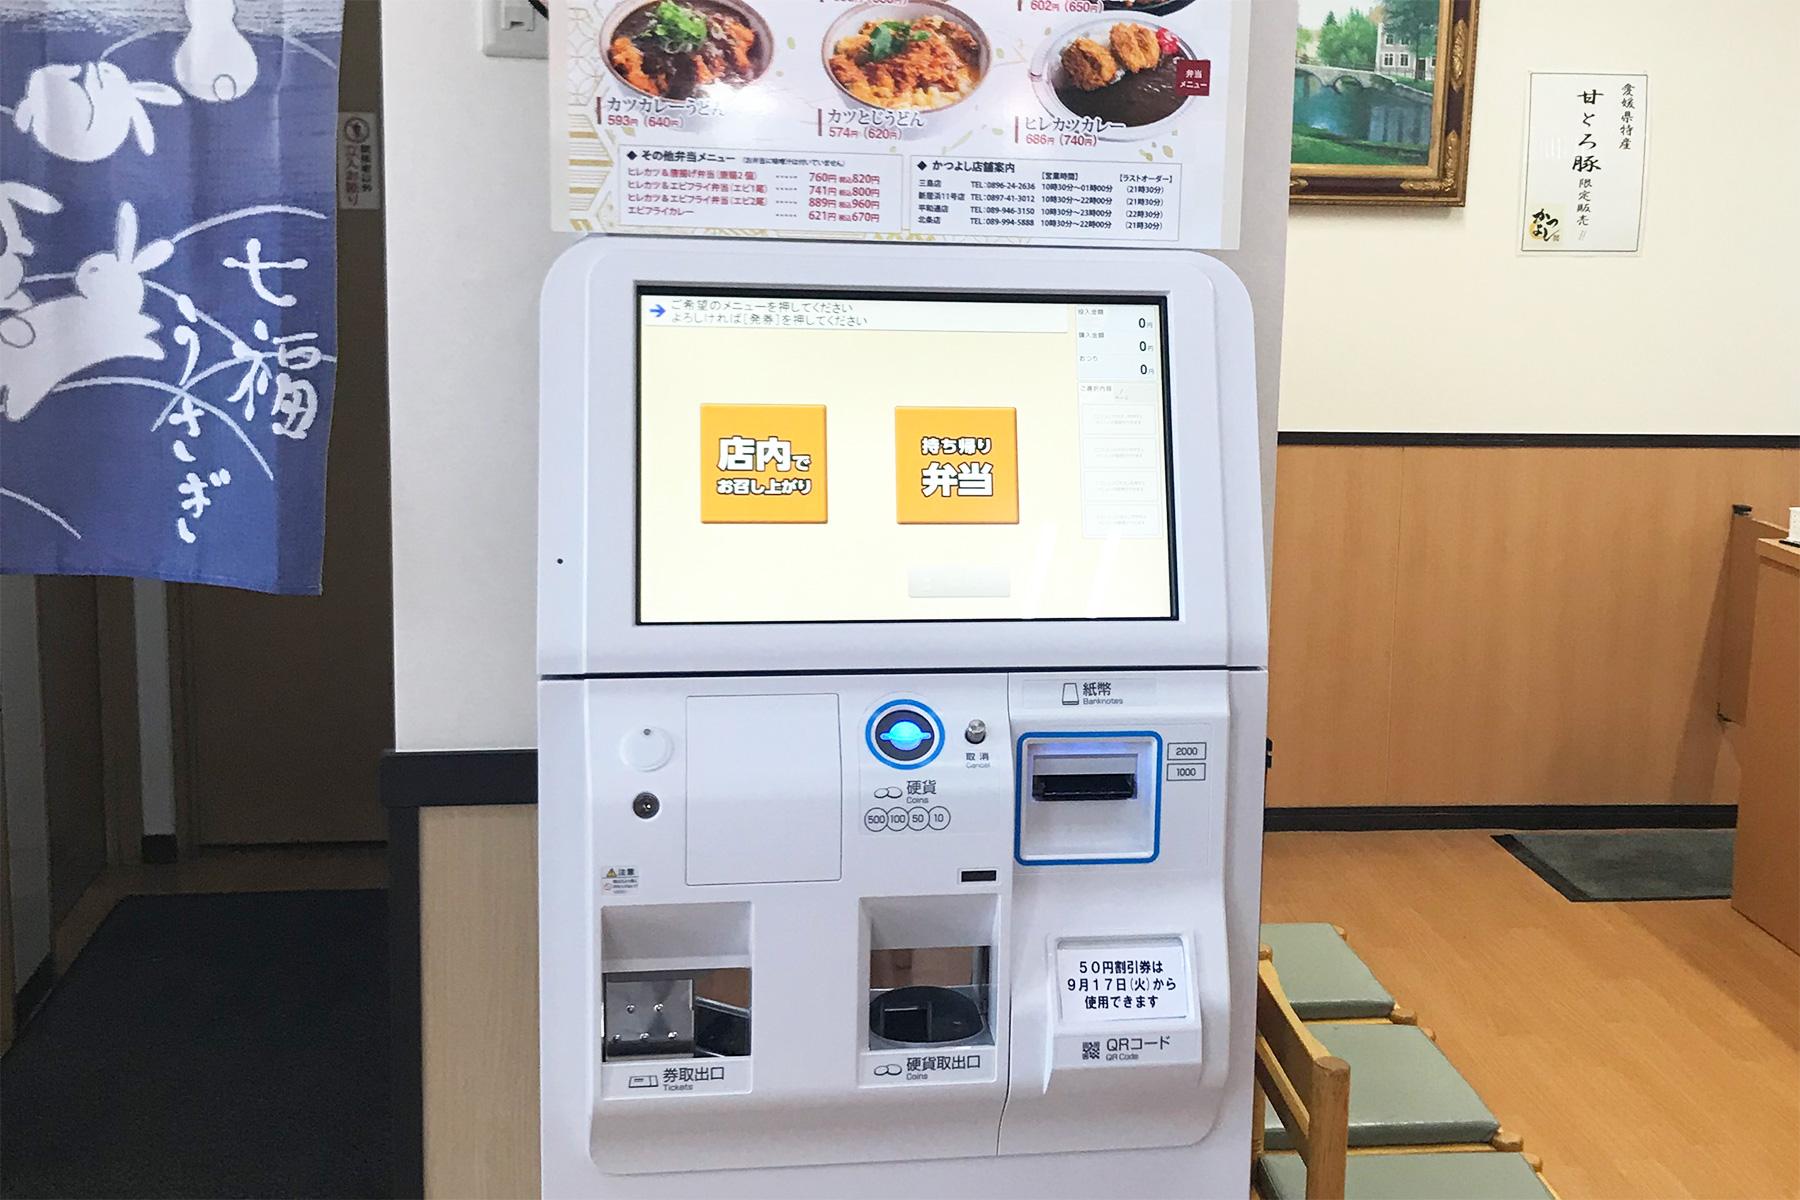 がんば亭三島店 タッチパネル券売機2